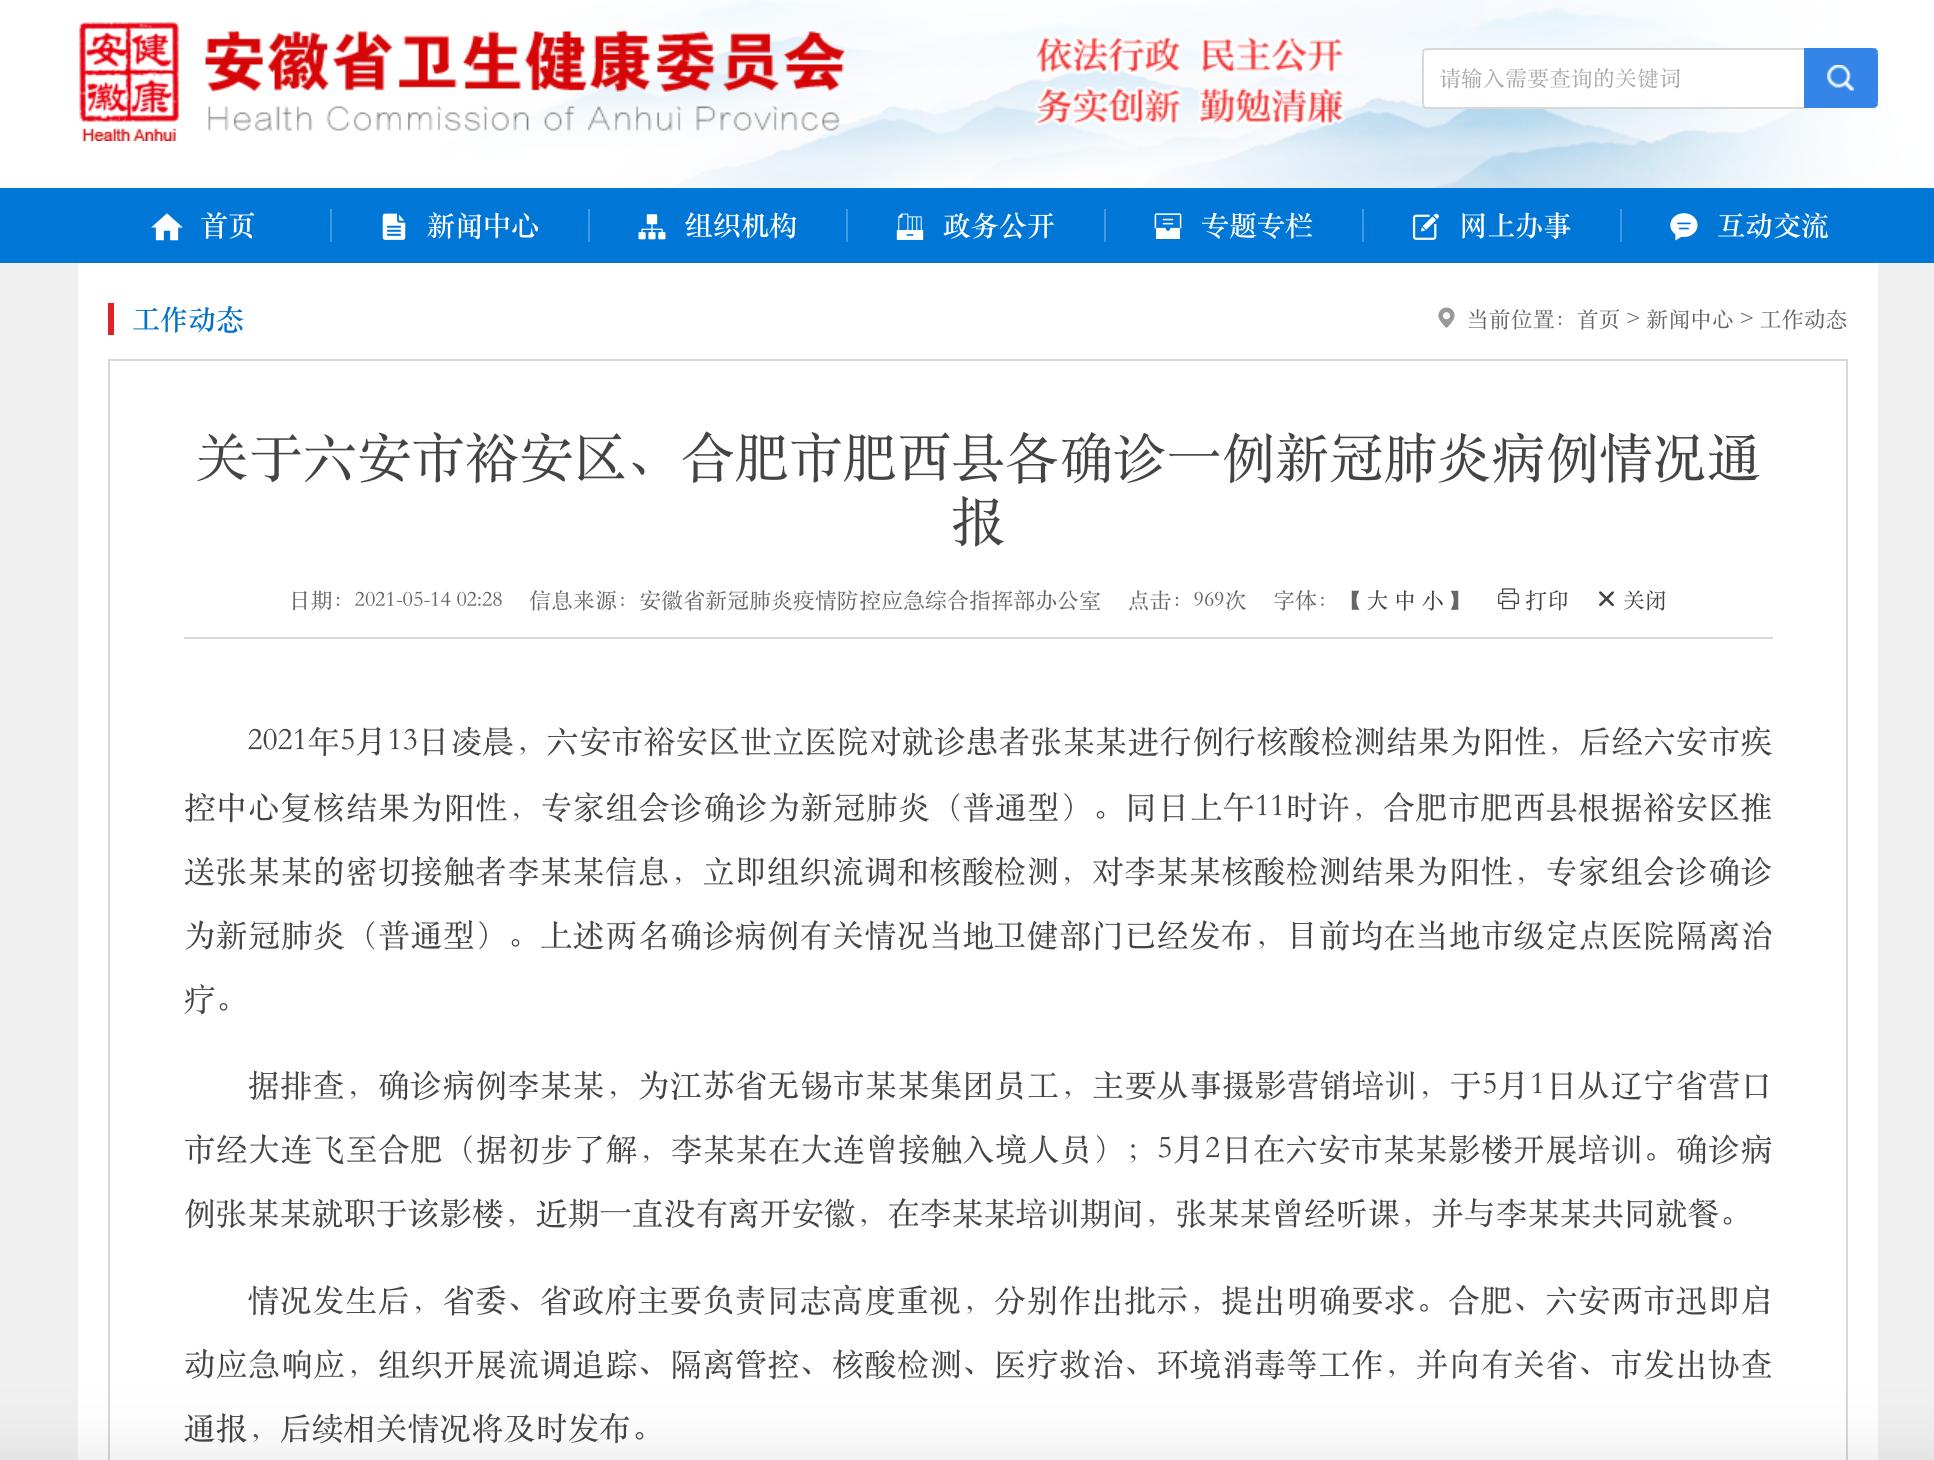 凌晨通报!安徽肥西县确诊病例曾在大连接触入境人员